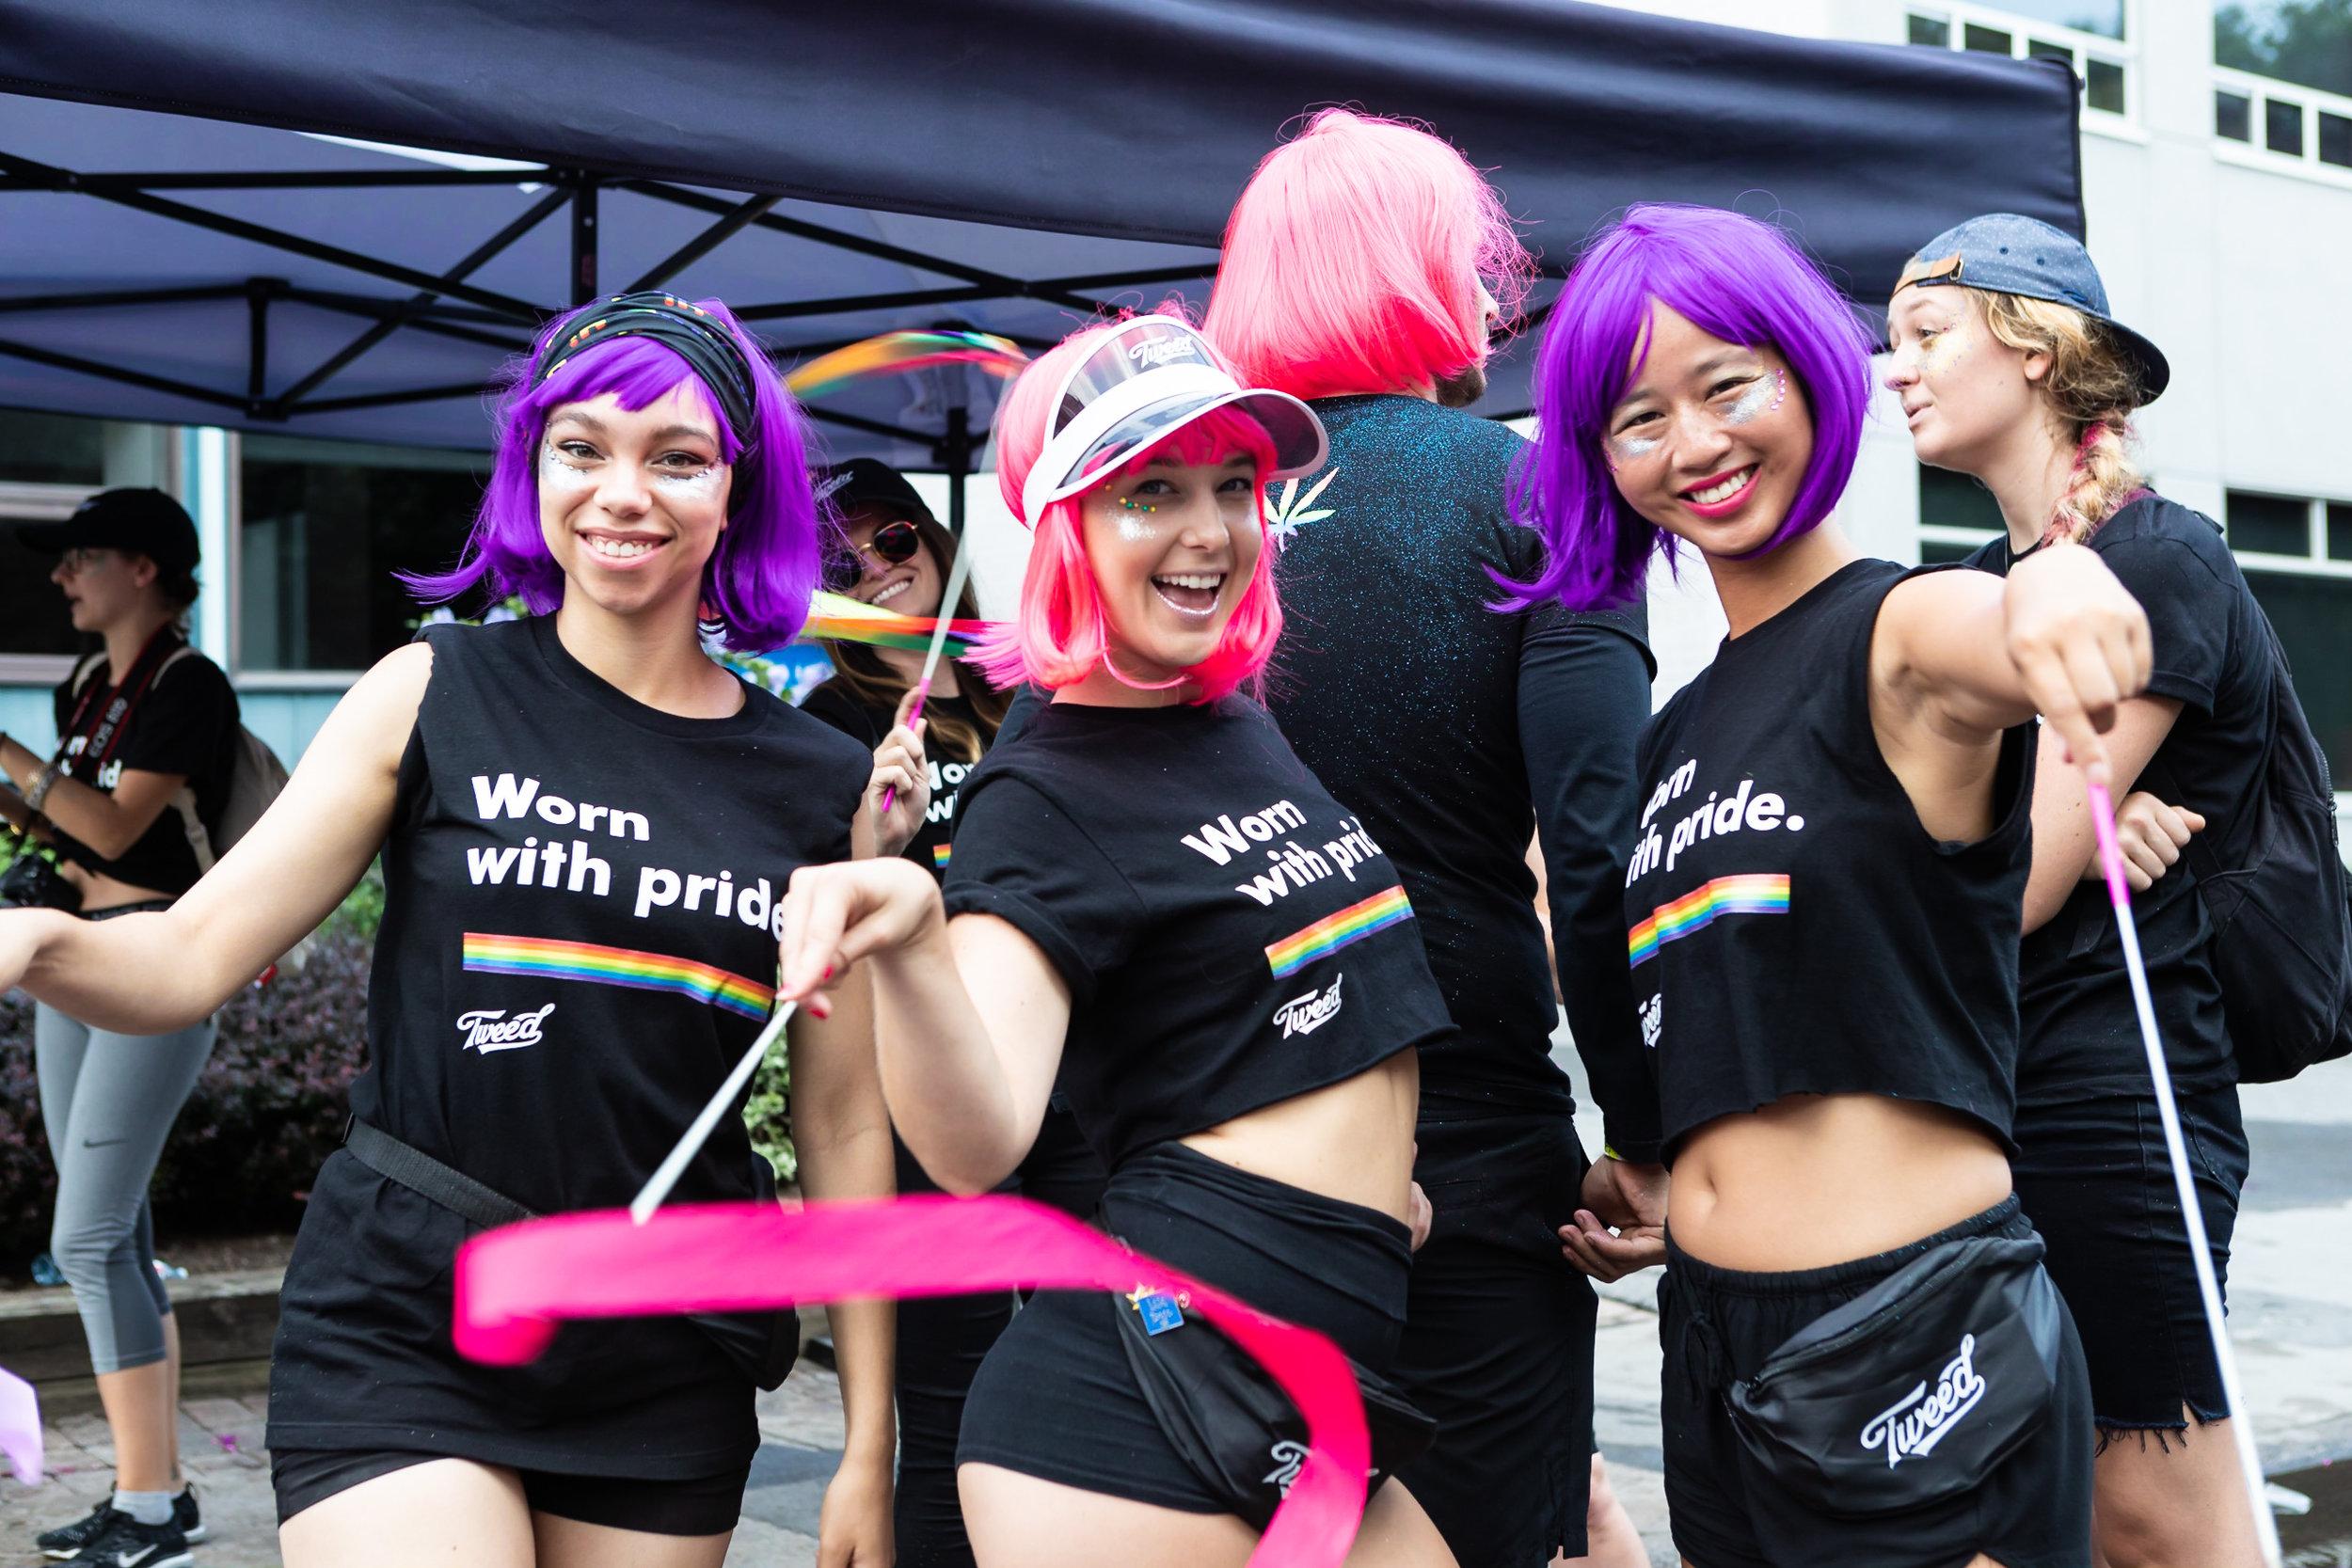 tweed_pride_ottawa-3237.jpg